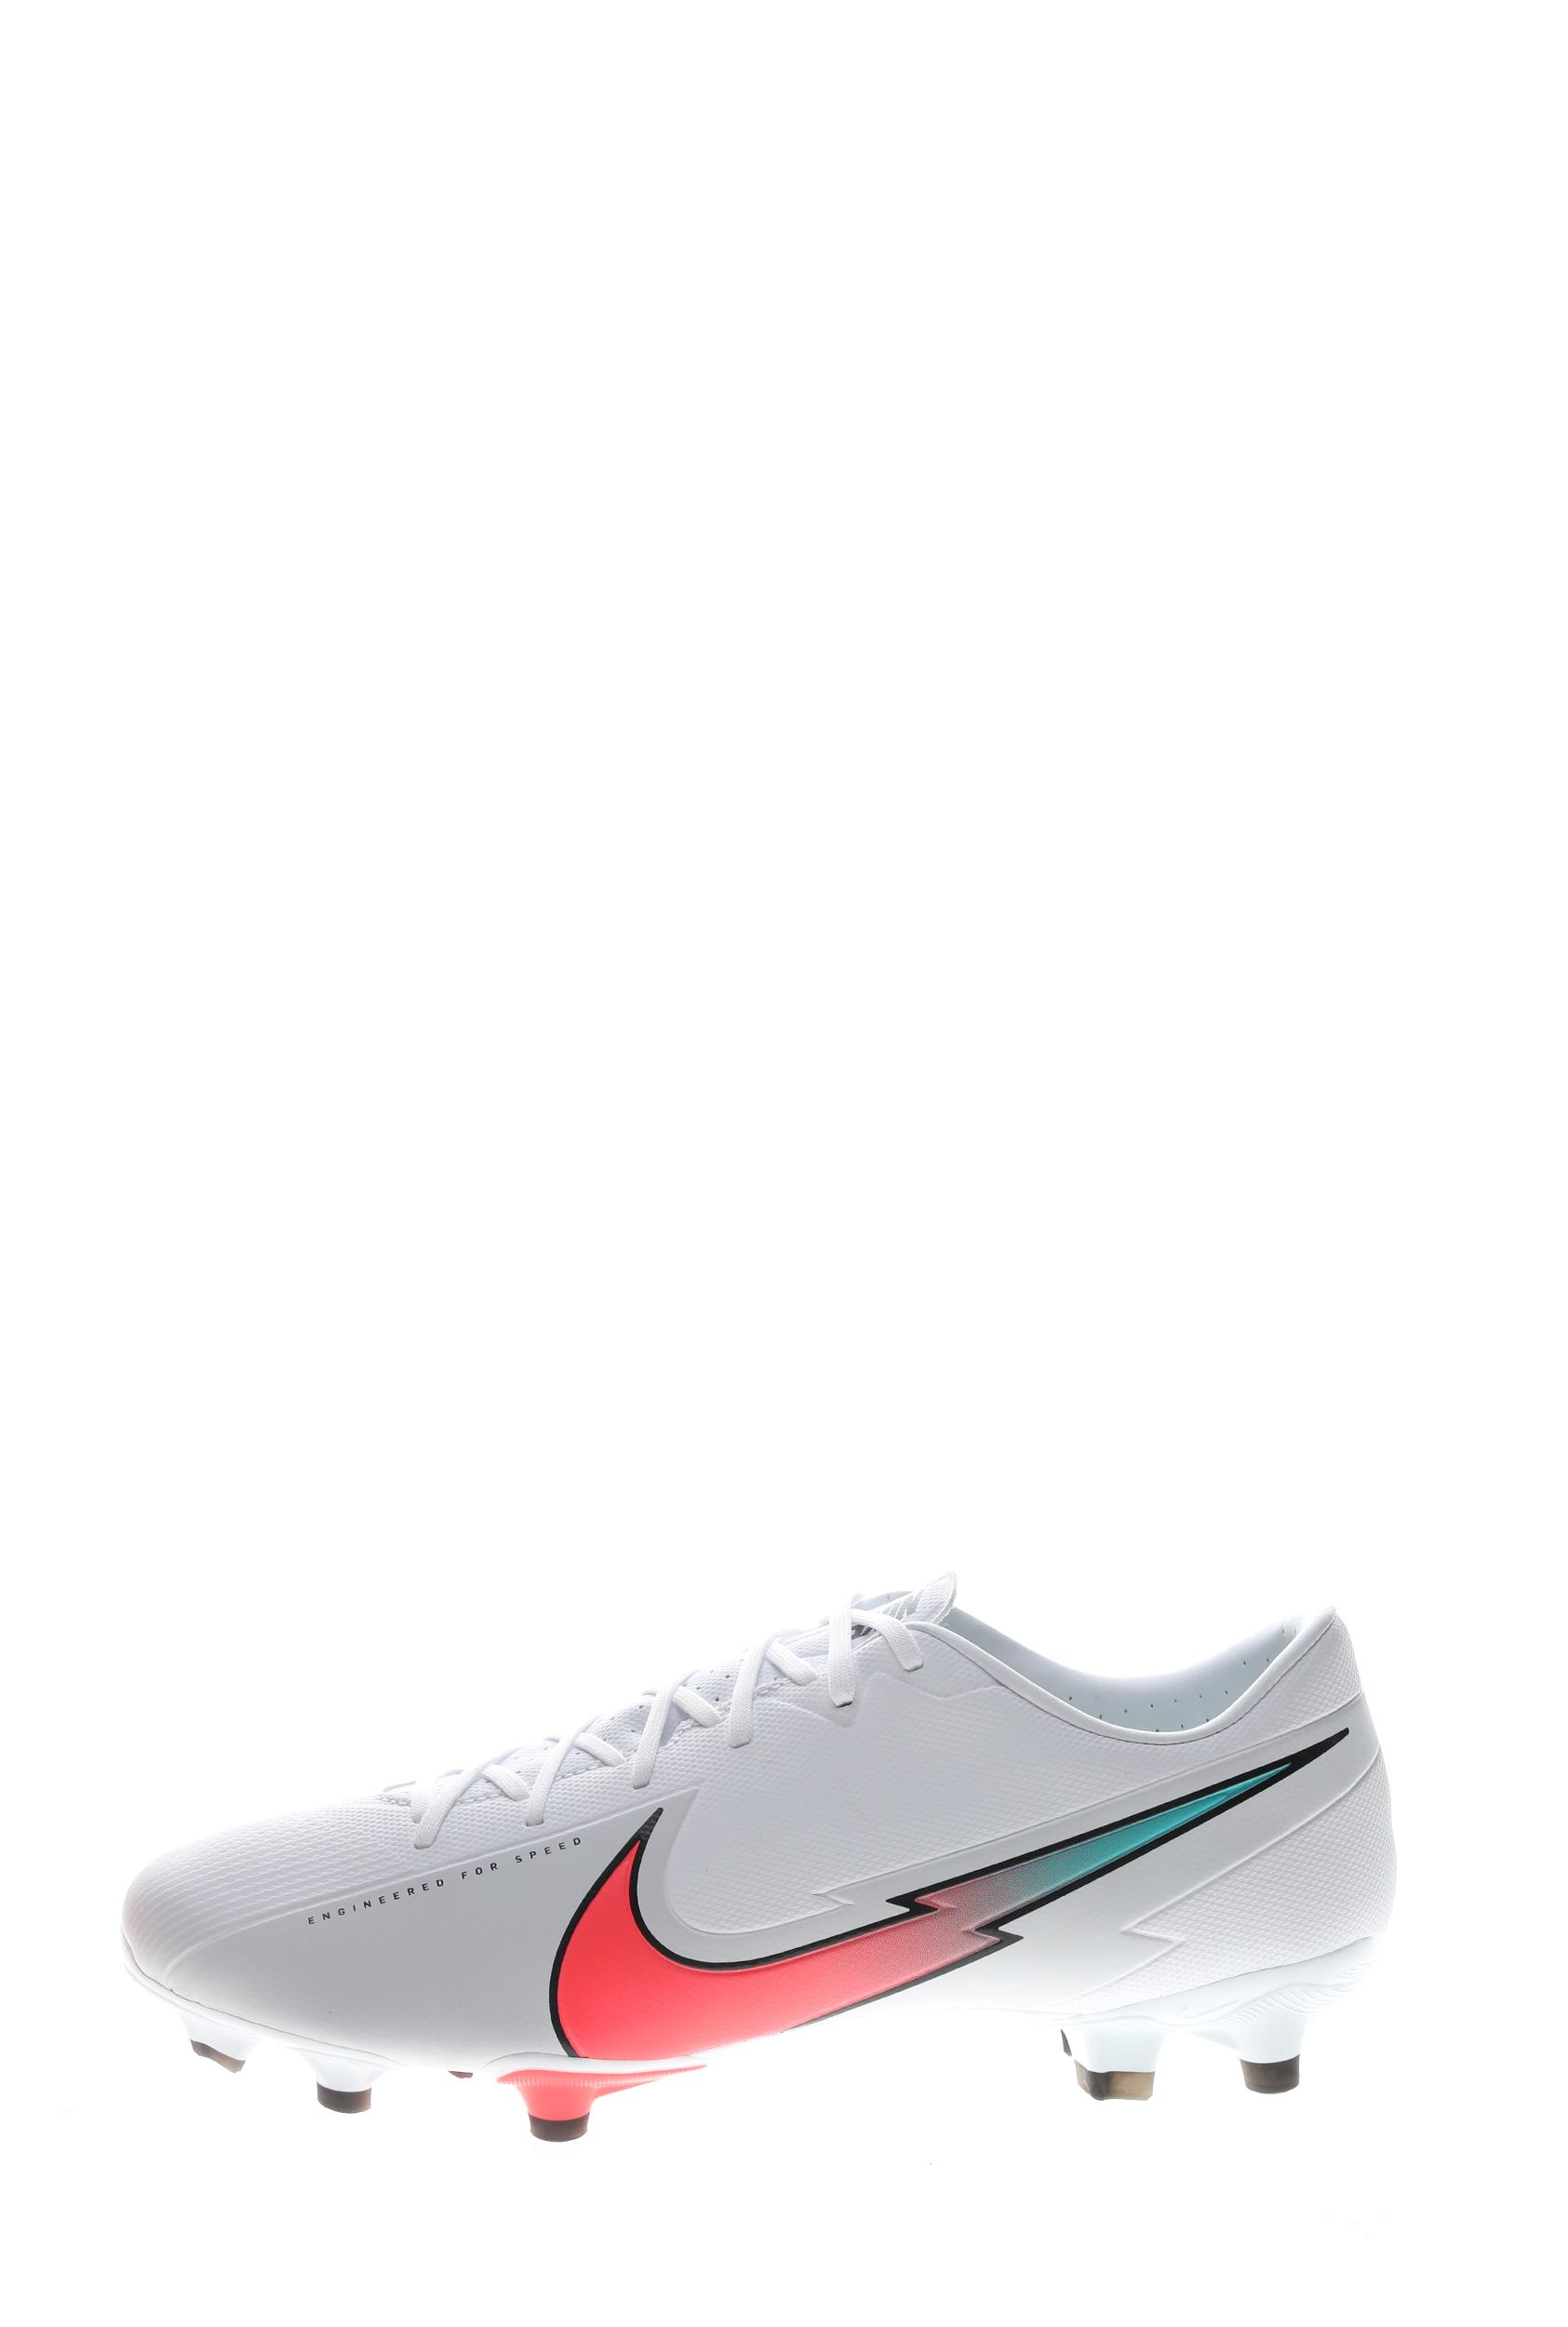 NIKE – Ποδοσφαιρικό παπούτσι για διαφορετικές επιφάνειες VAPOR 13 ACADEMY